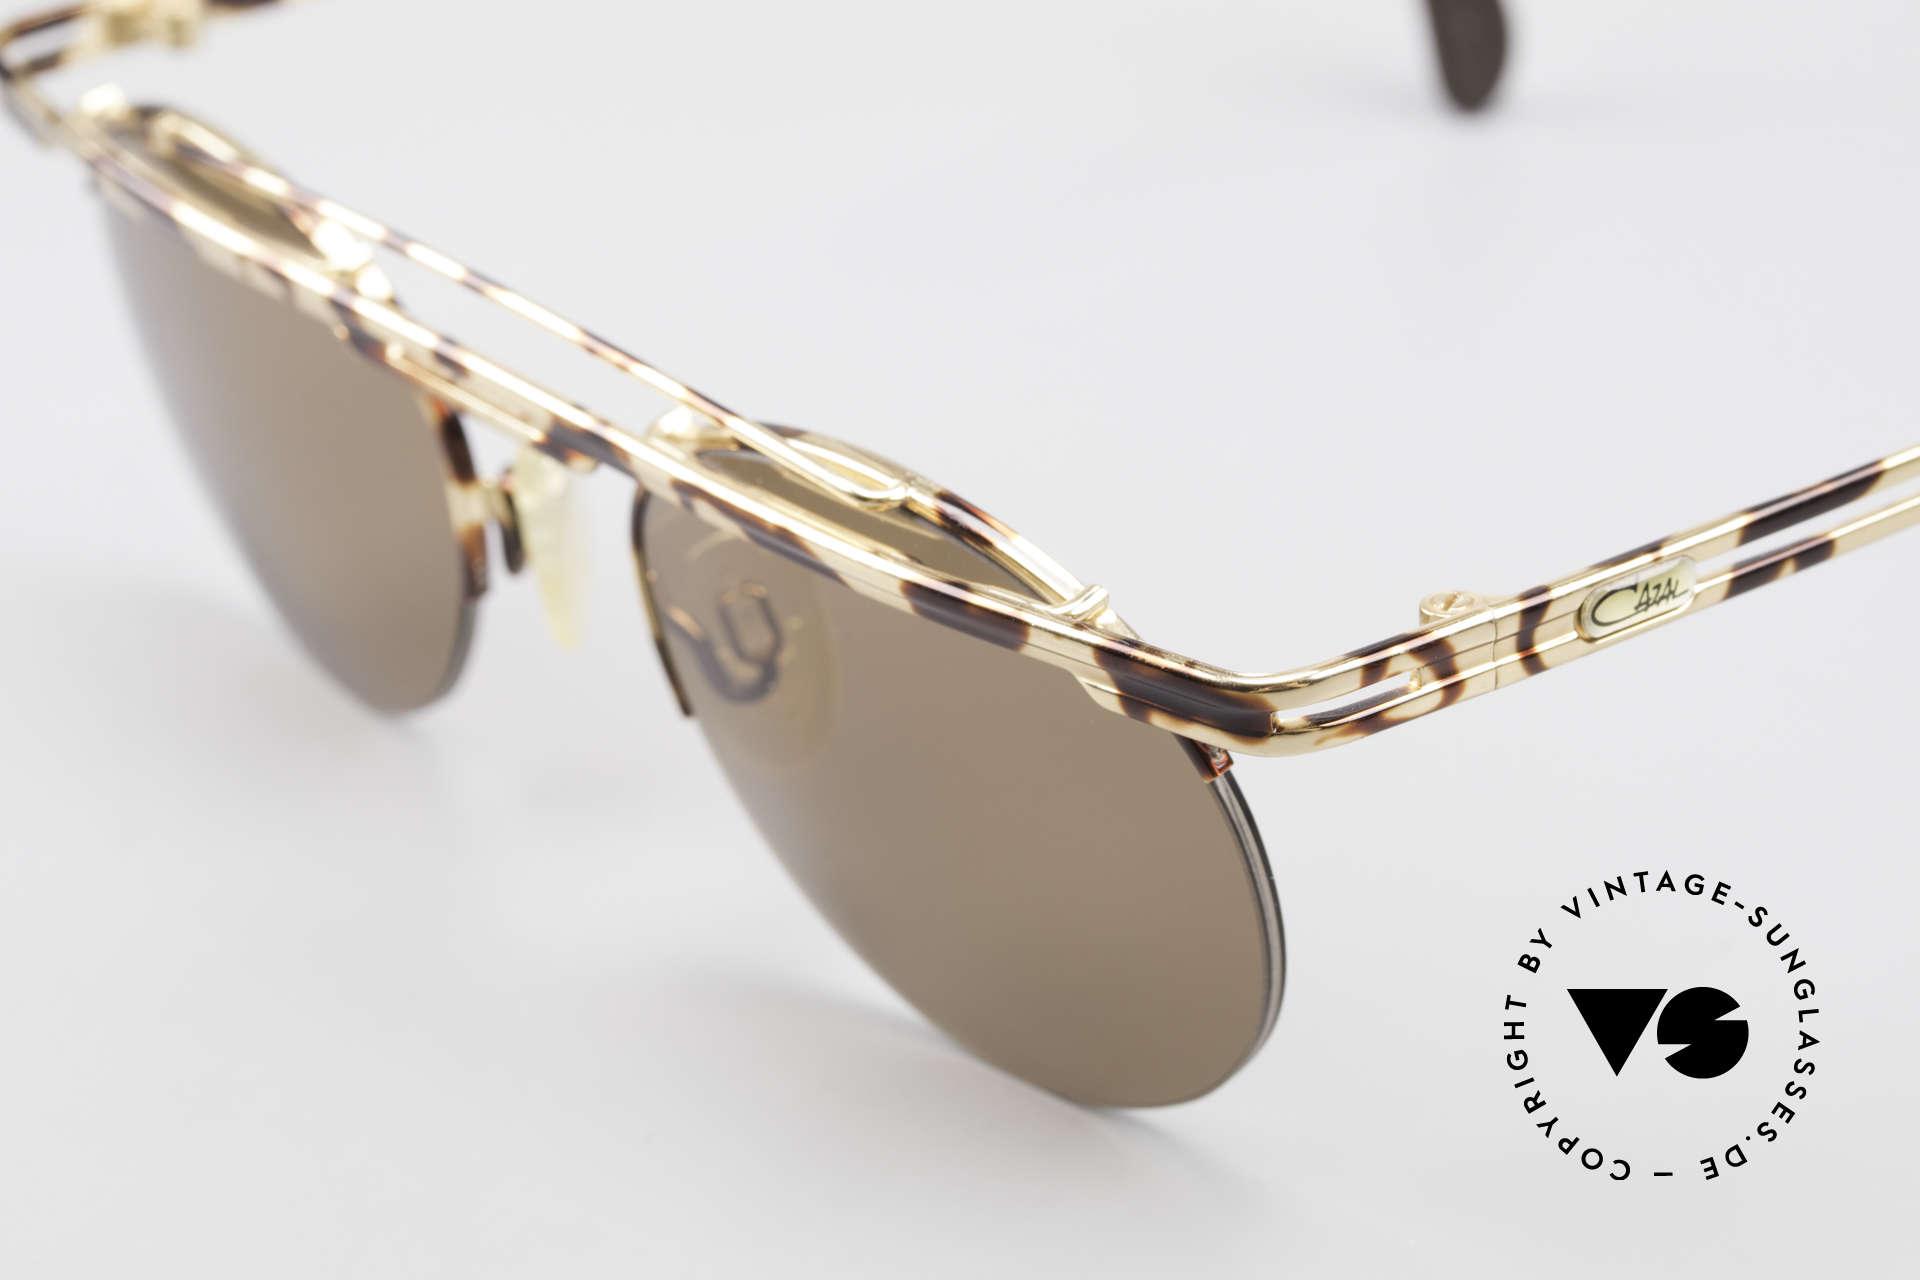 Cazal 748 90er Sonnenbrille No Retro, Cazal-Katalog Farbbezeichnung: gold-braun gefleckt, Passend für Herren und Damen